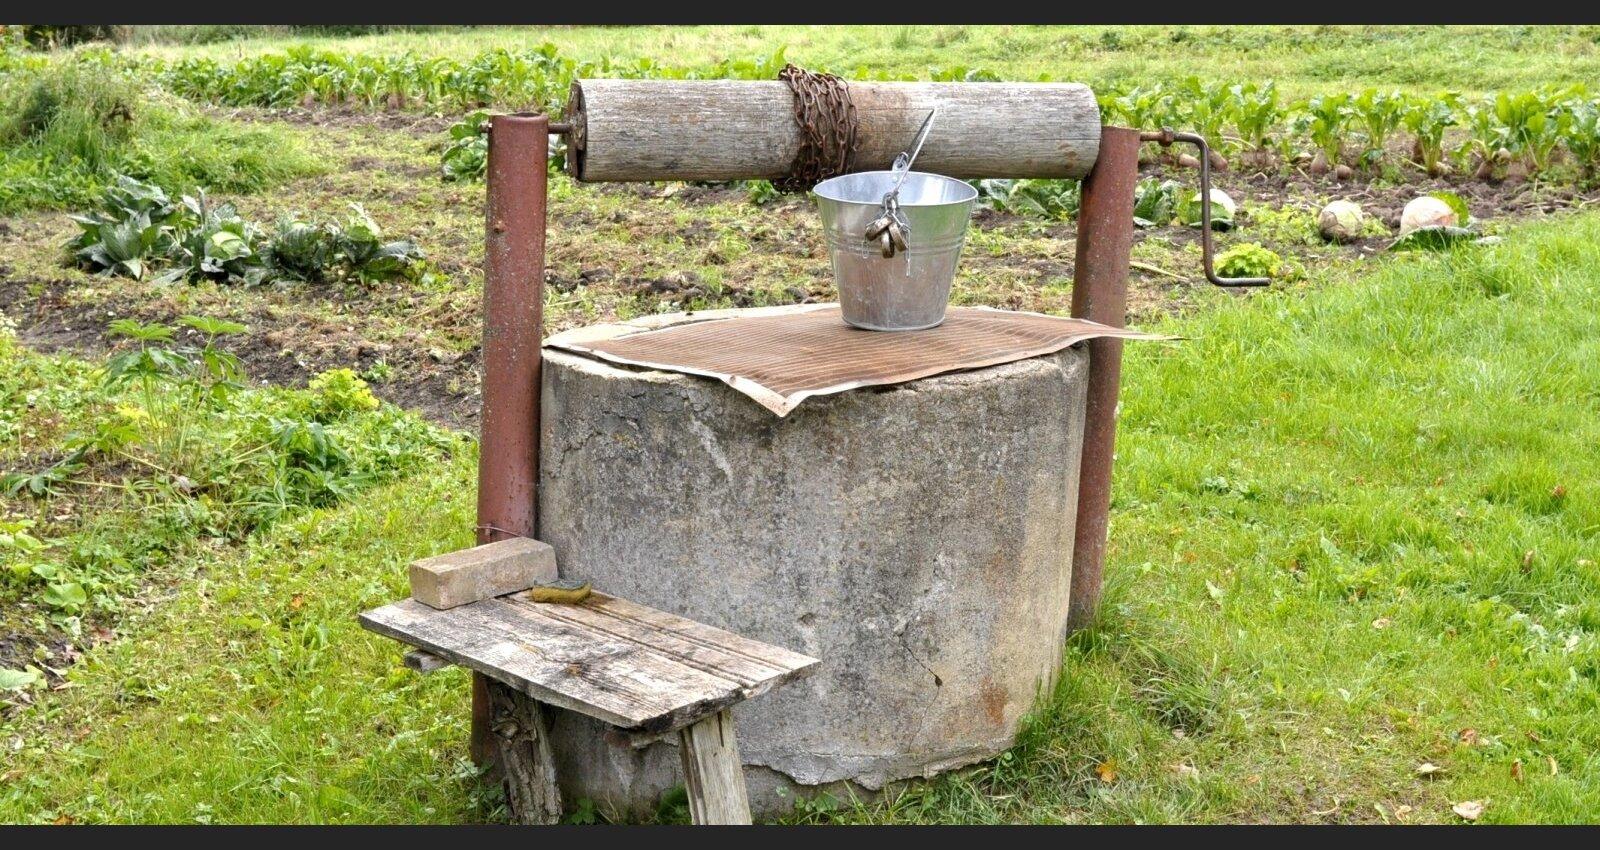 Tavs ūdens, tava darīšana. Kā uzturēt privātmājas aku tīru un drošu